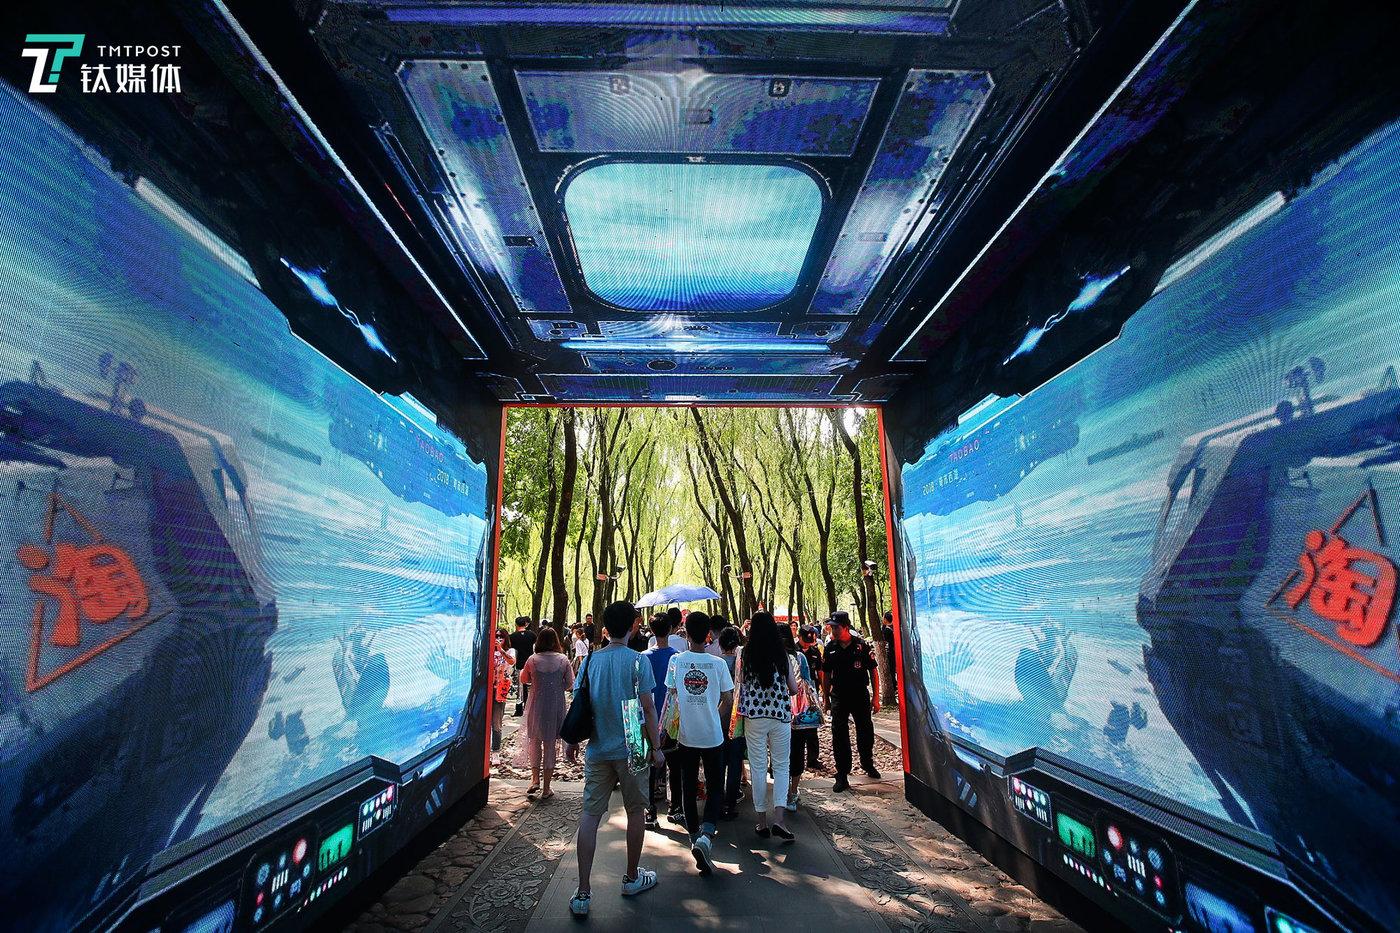 黑科技也是每年造物节的重头戏,今年的造物节专门为科技迷们搭建了一个科技馆。